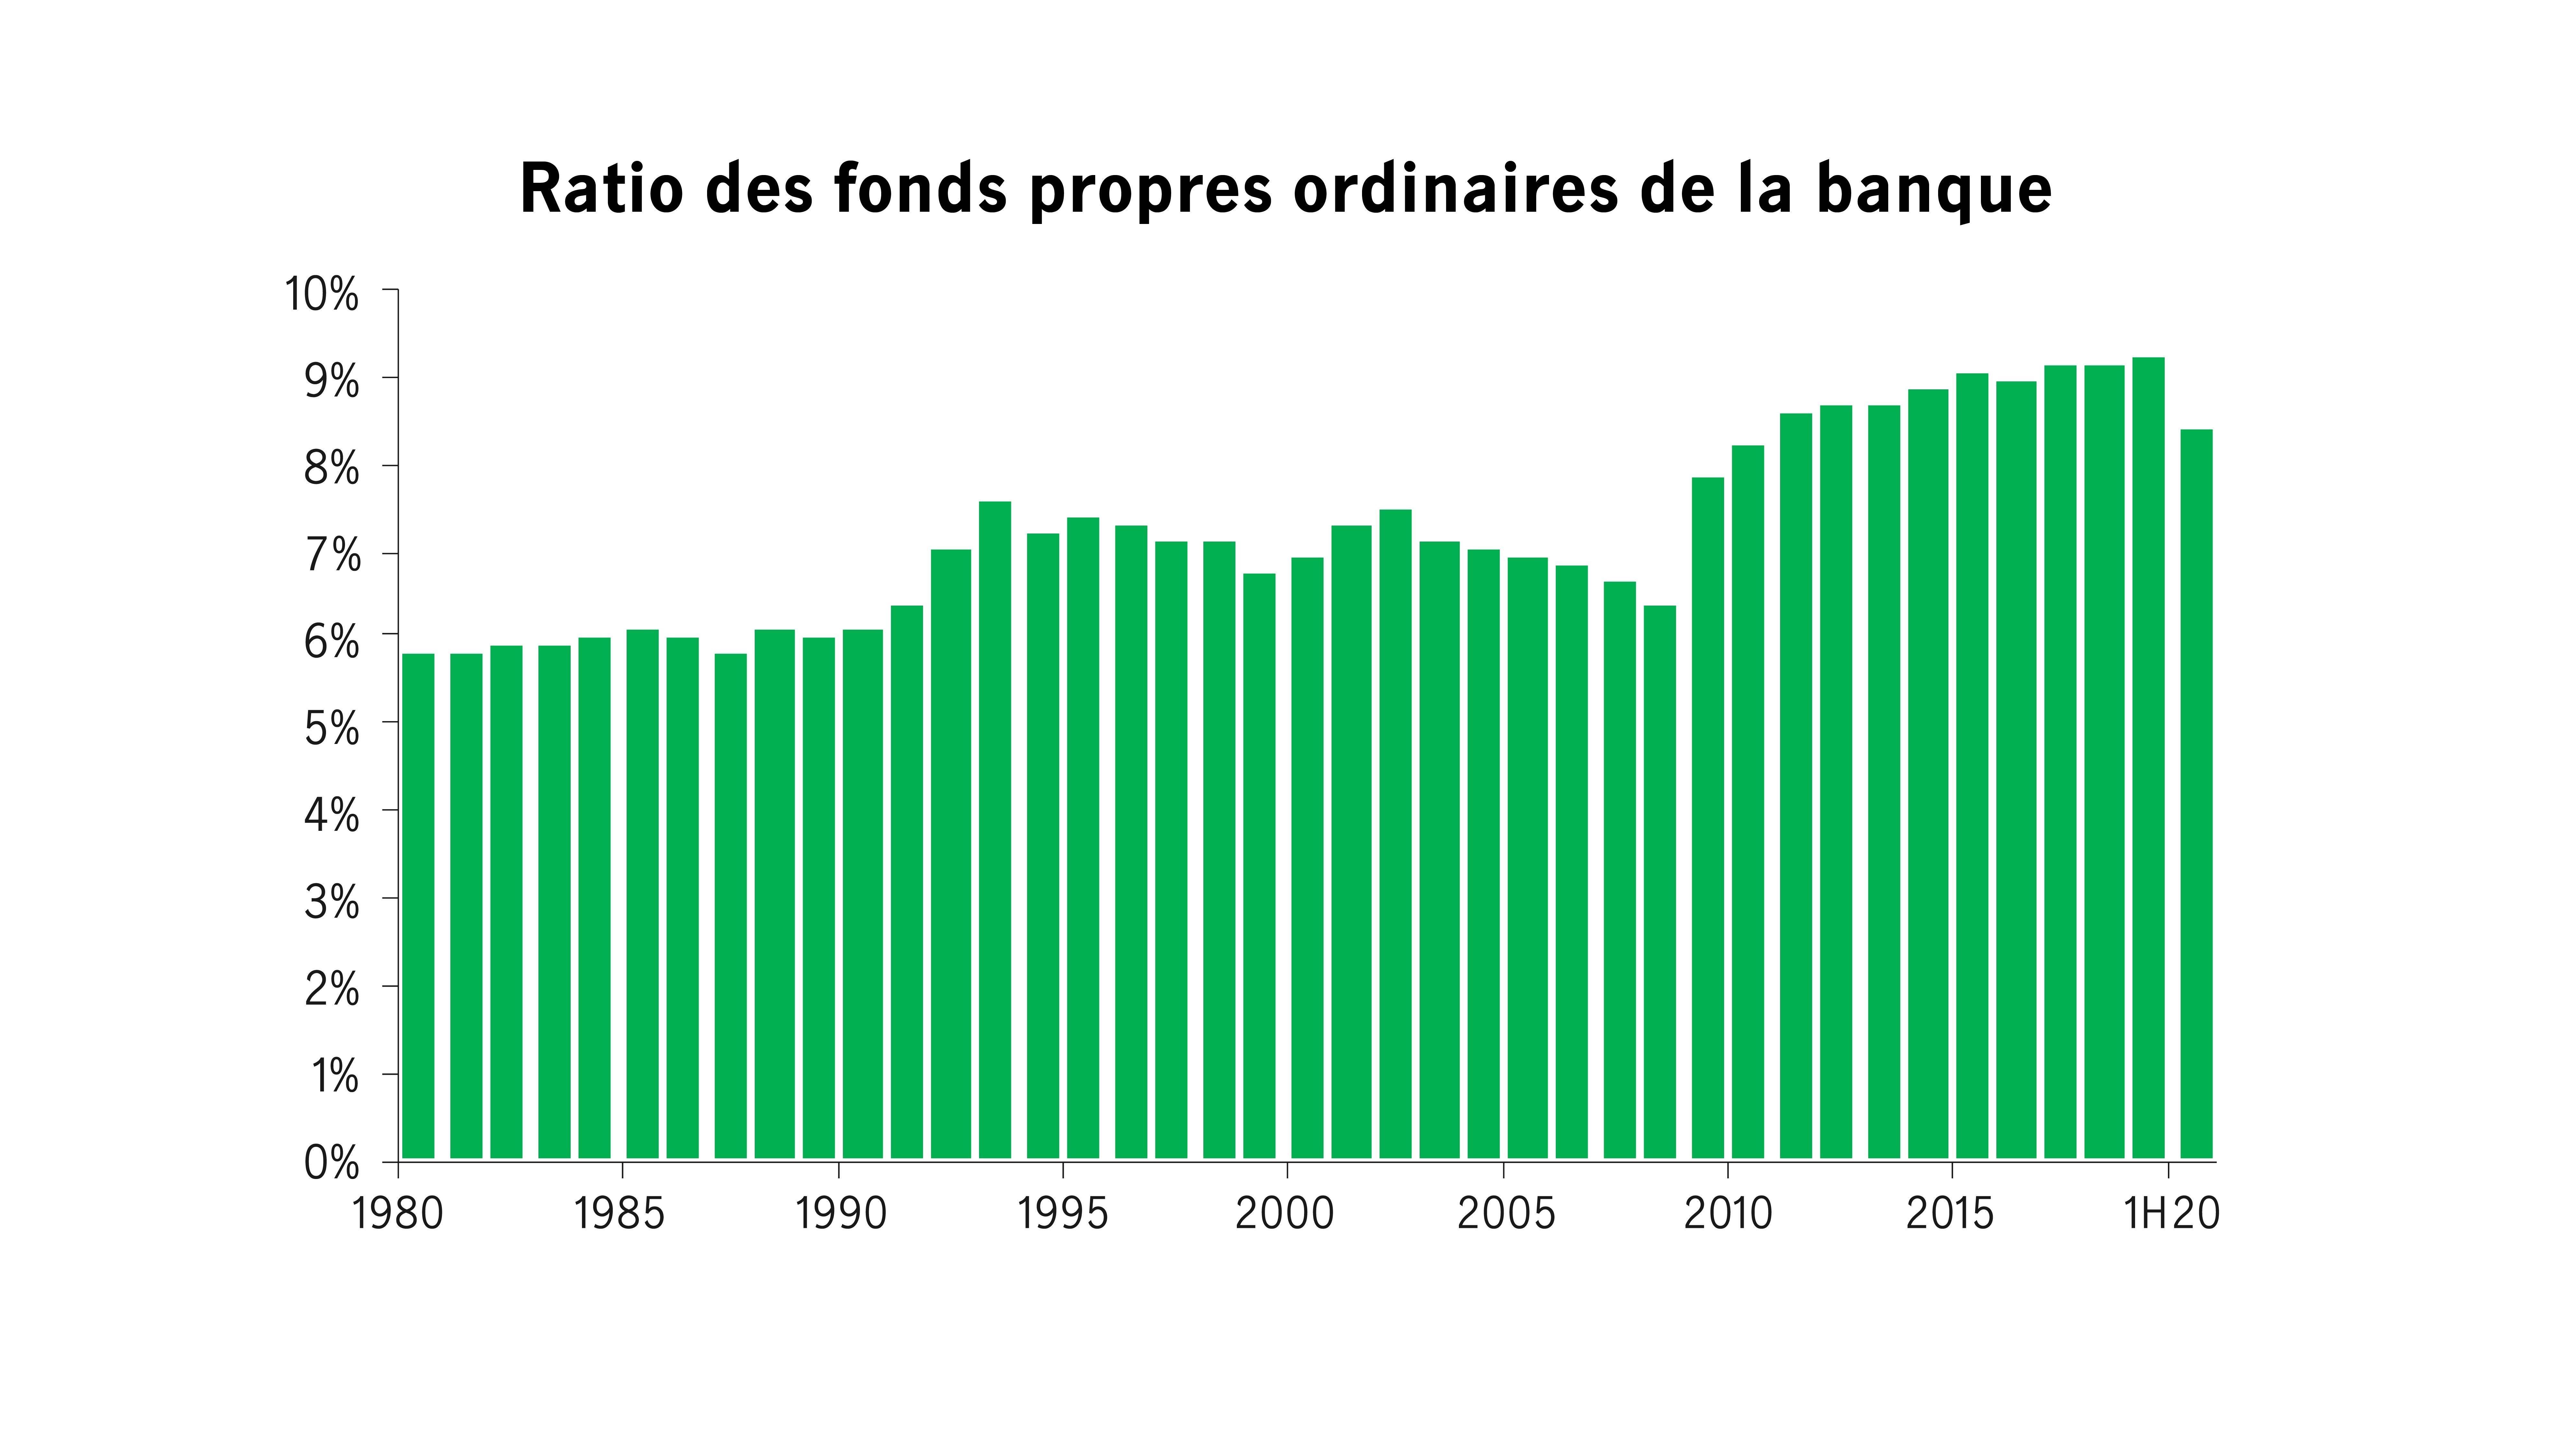 Ratio des fonds propres ordinaires de la banque